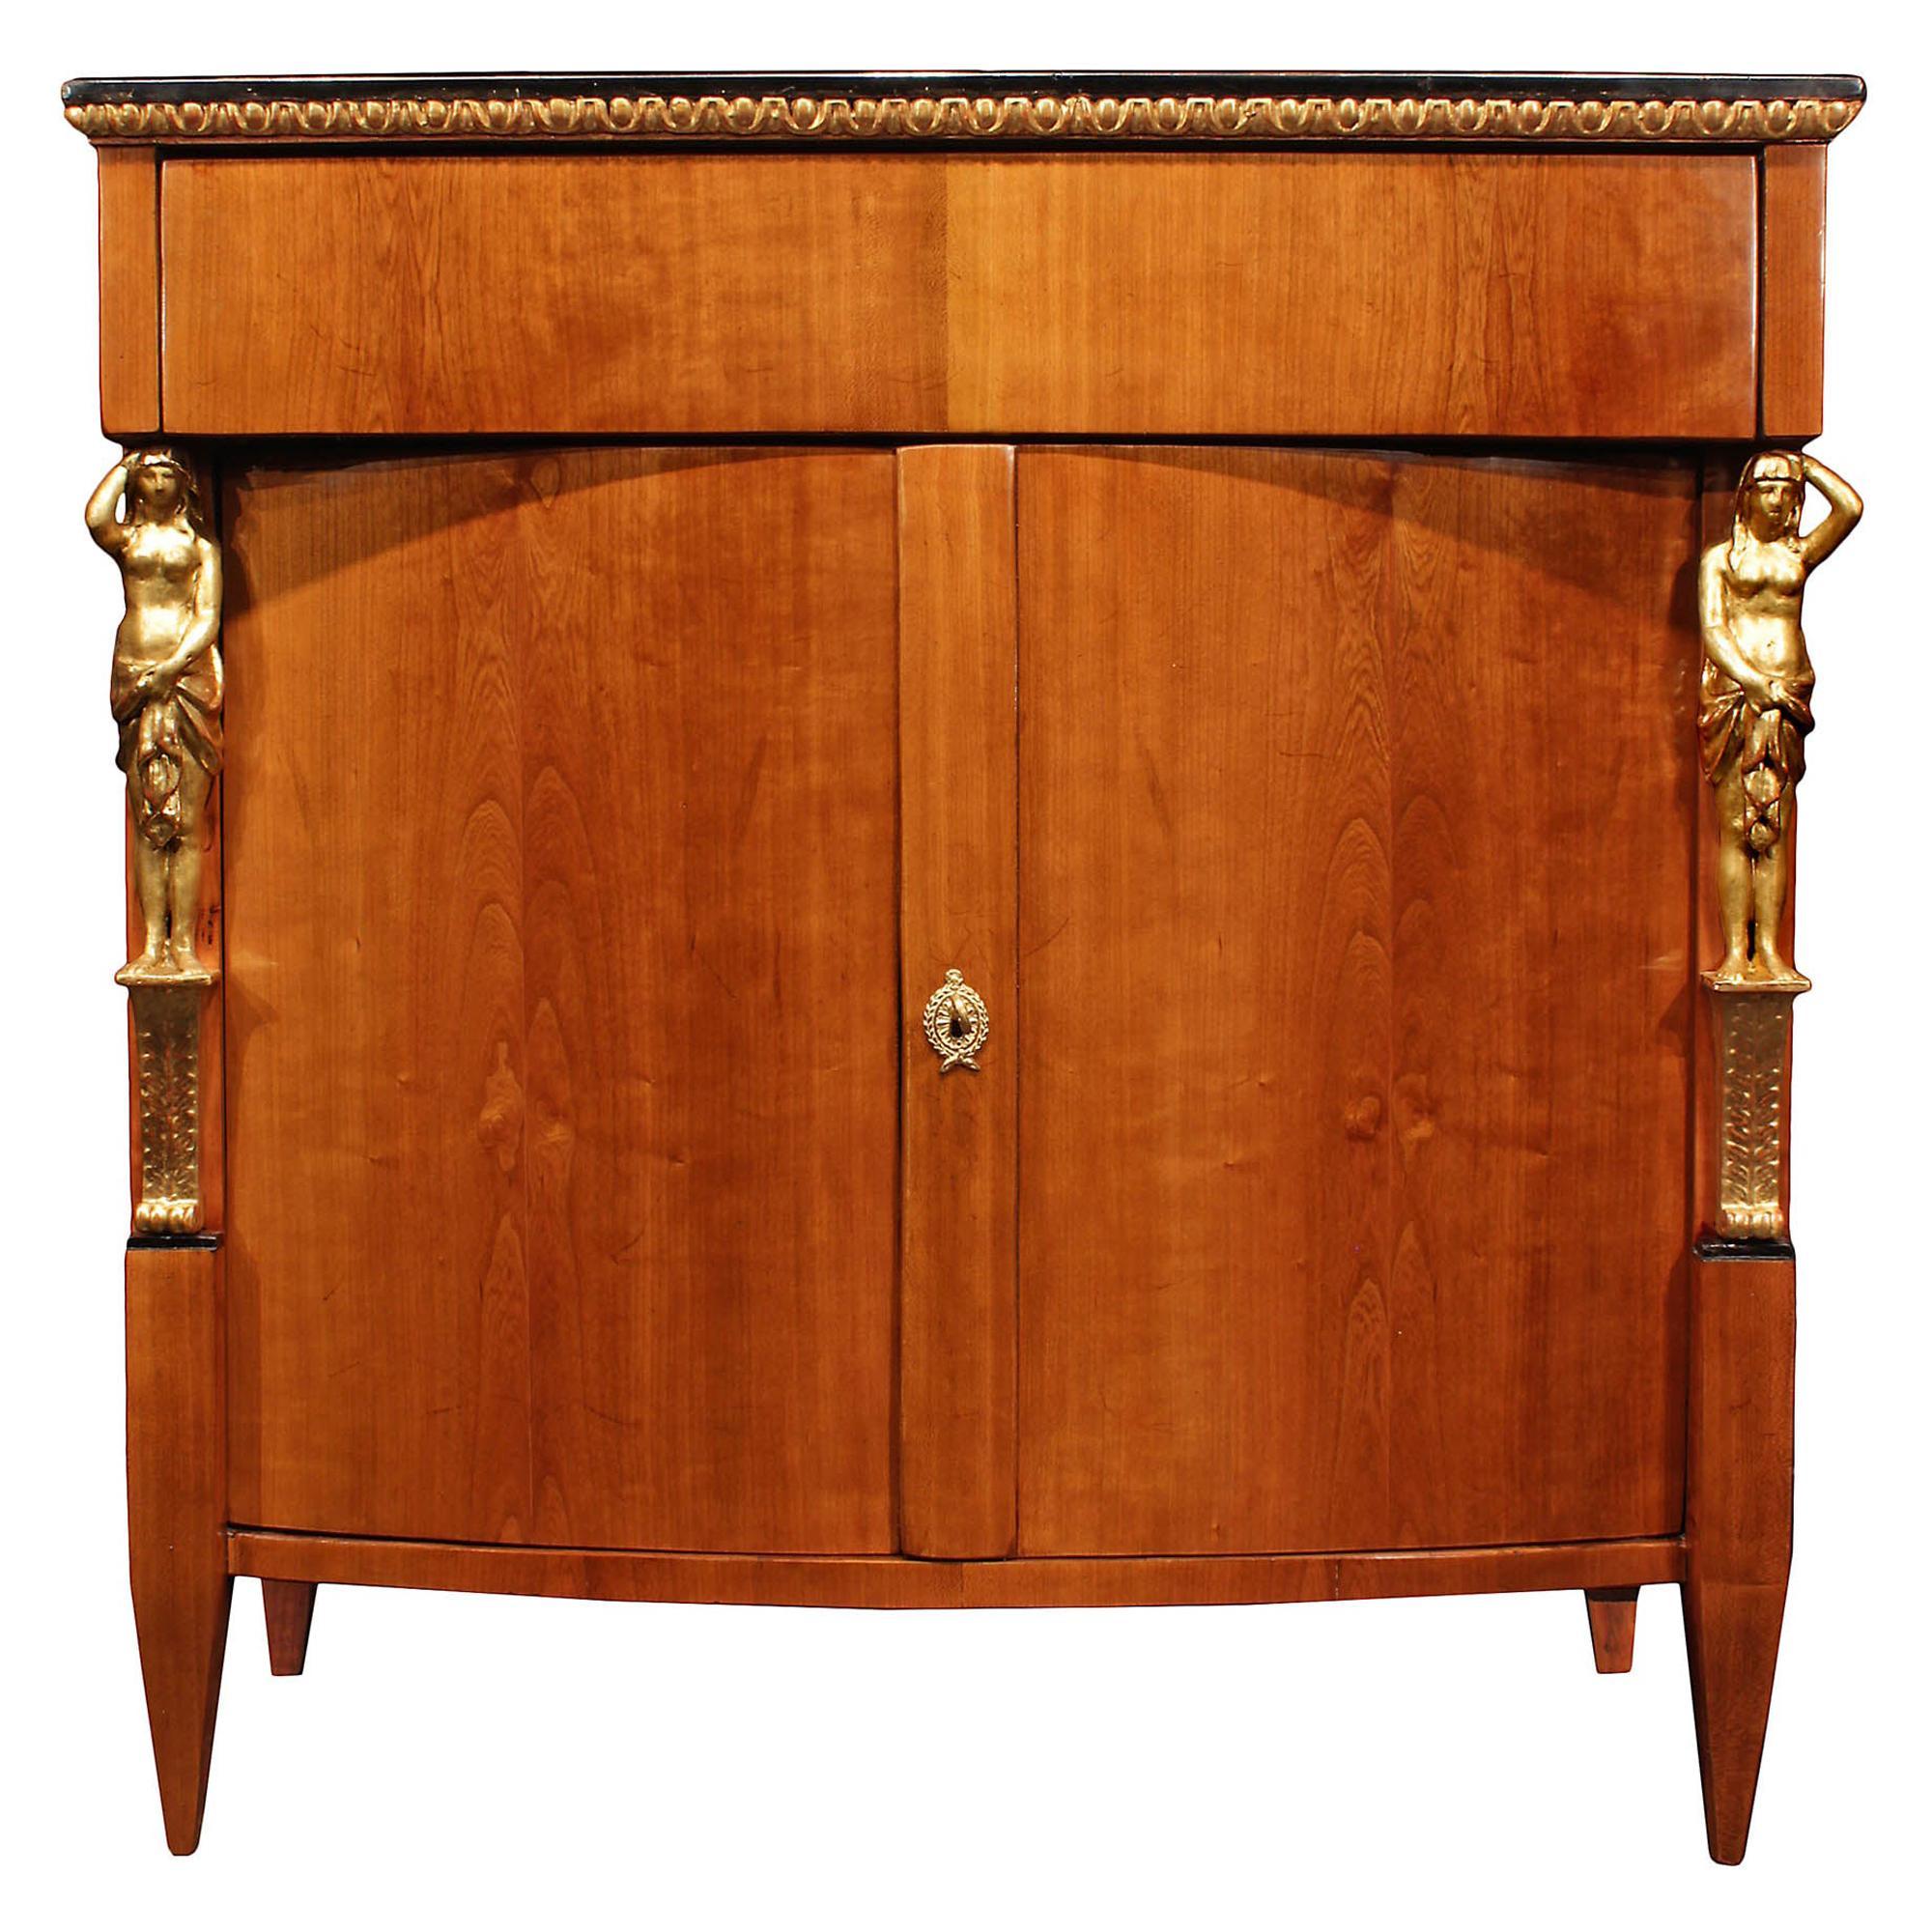 19th Century Biedermeier Two-Door Cherrywood Cabinet